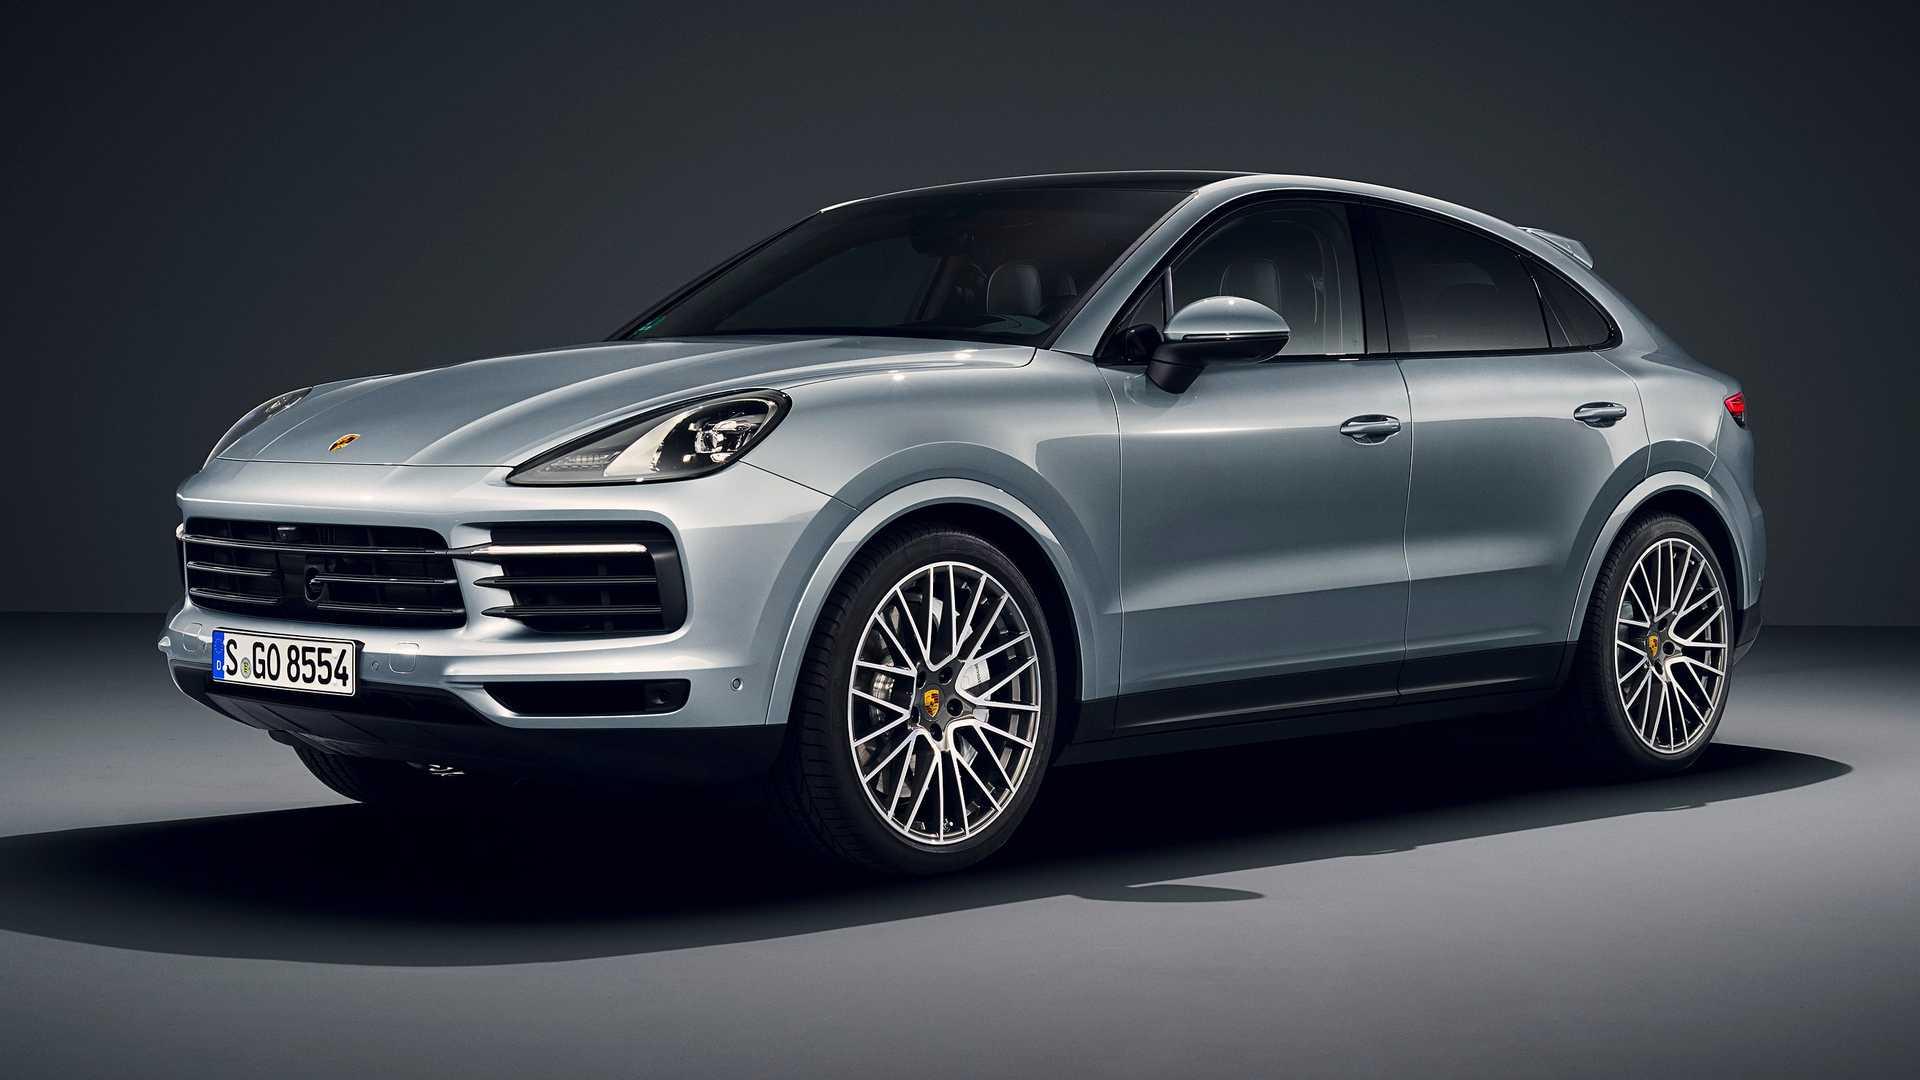 В линейке Porsche прибавление: компания представила промежуточную между Cayenne и Cayenne Turbo модель, получившую название Cayenne S Coupe